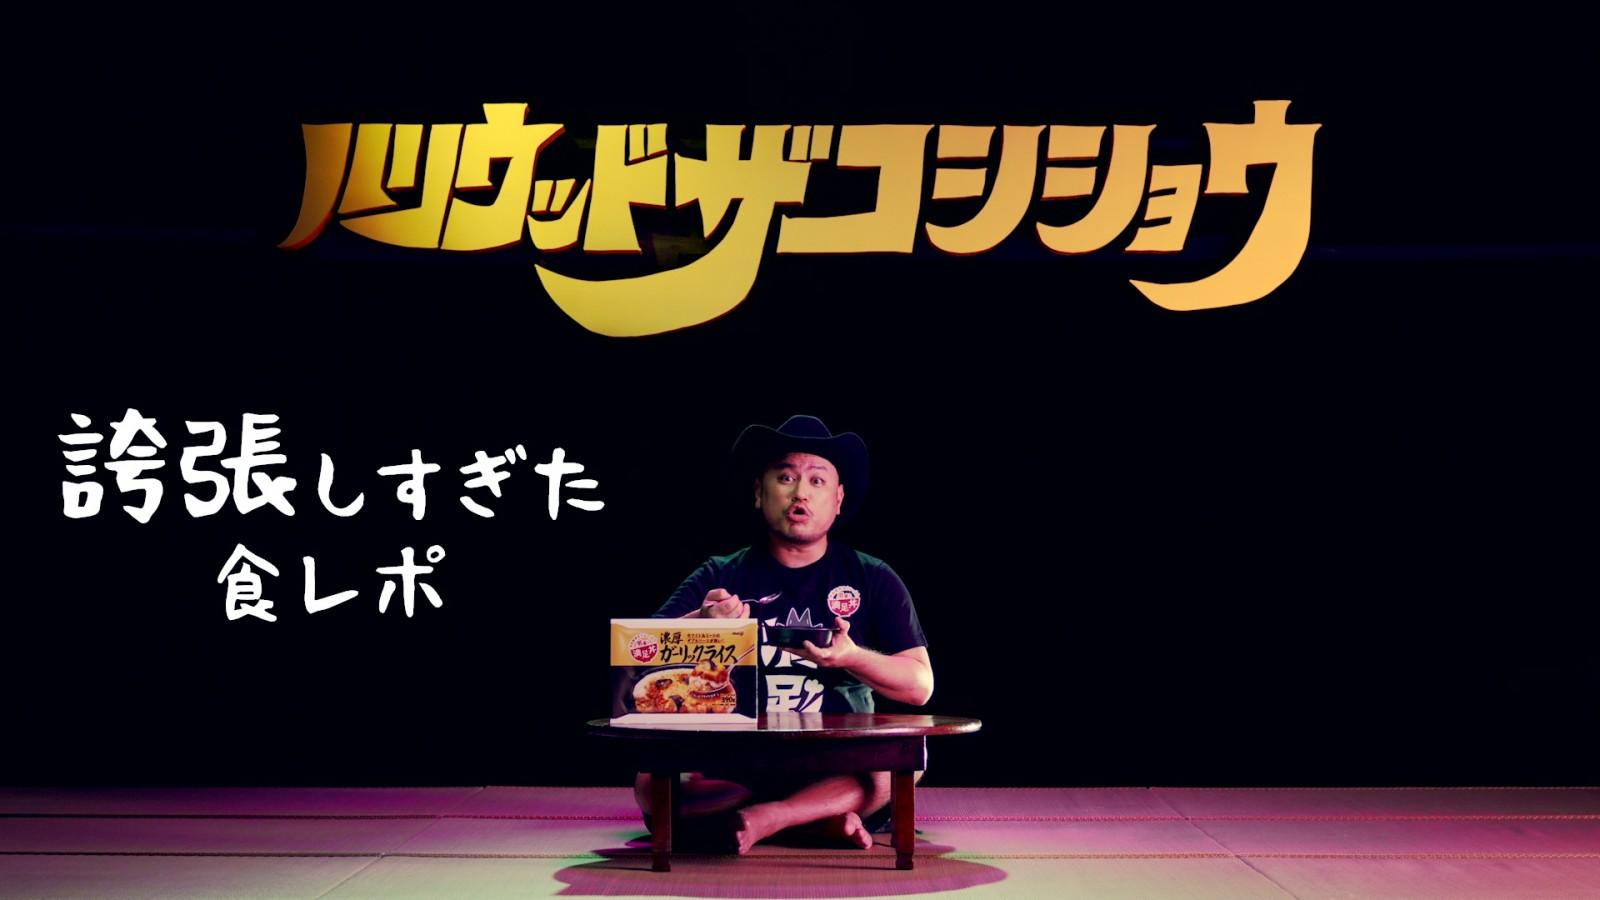 明治「満足丼」 芸人ハリウッドザコシショウさん起用の「濃厚」なCM動画公開